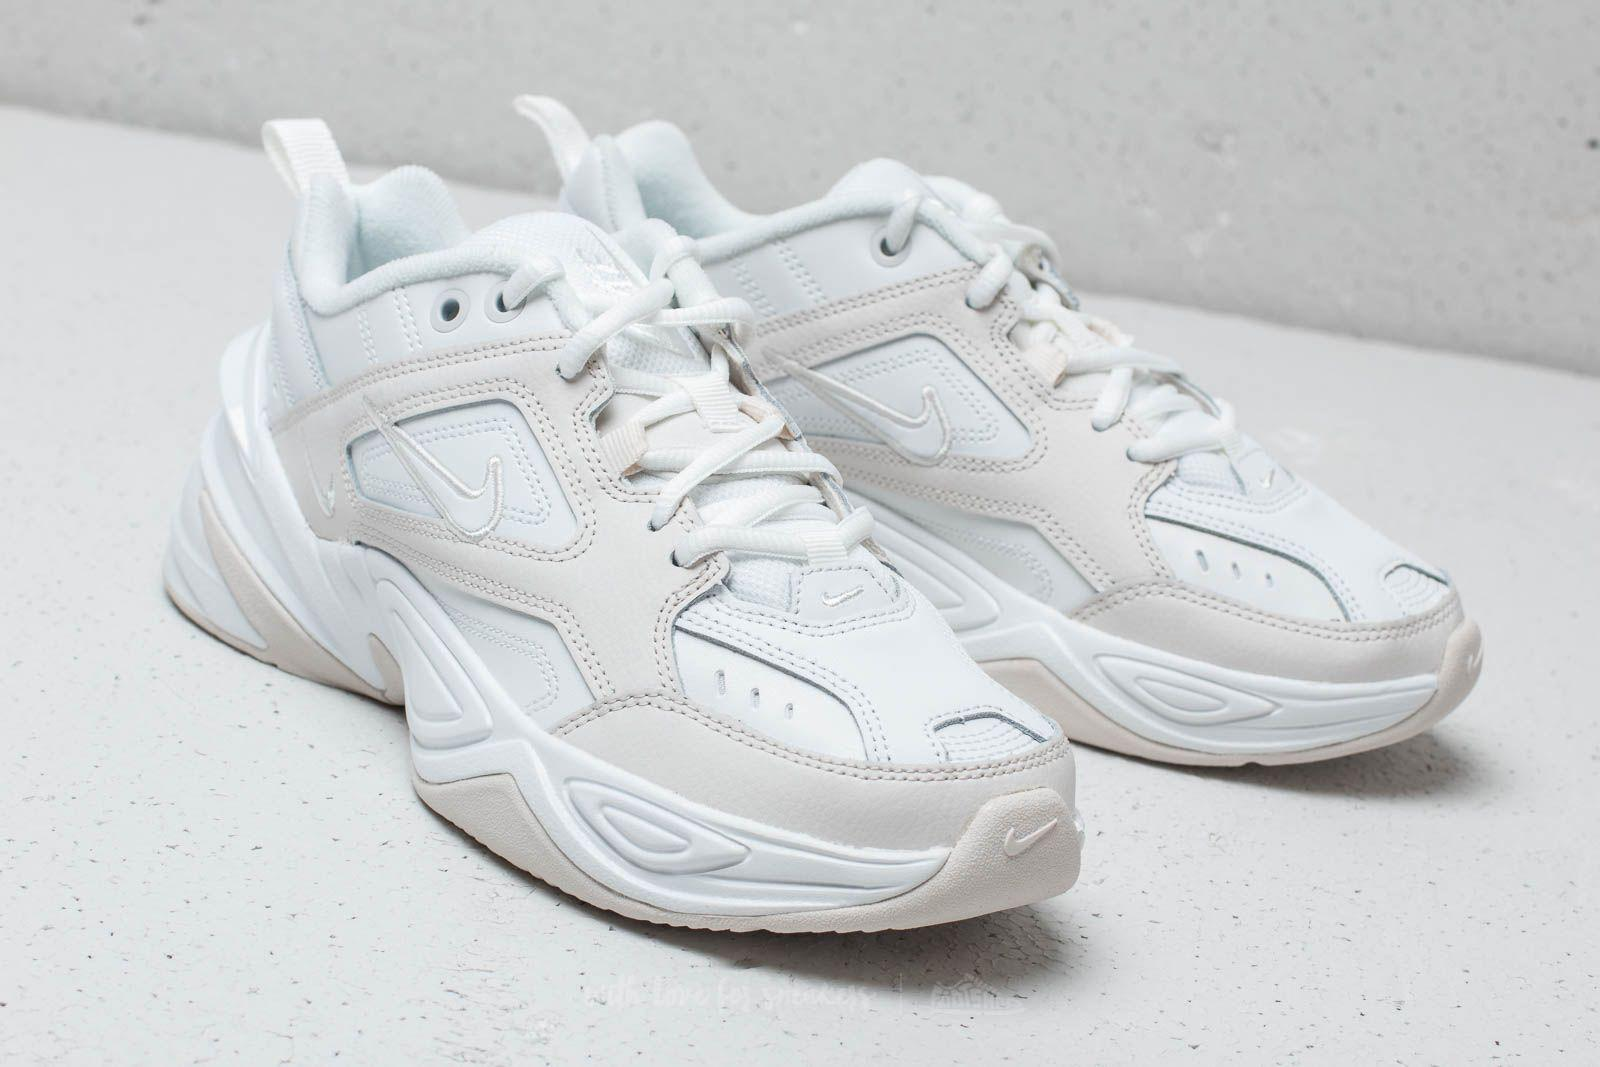 6dff44ef1 Nike M2k Tekno W Phantom  Summit White in White - Lyst